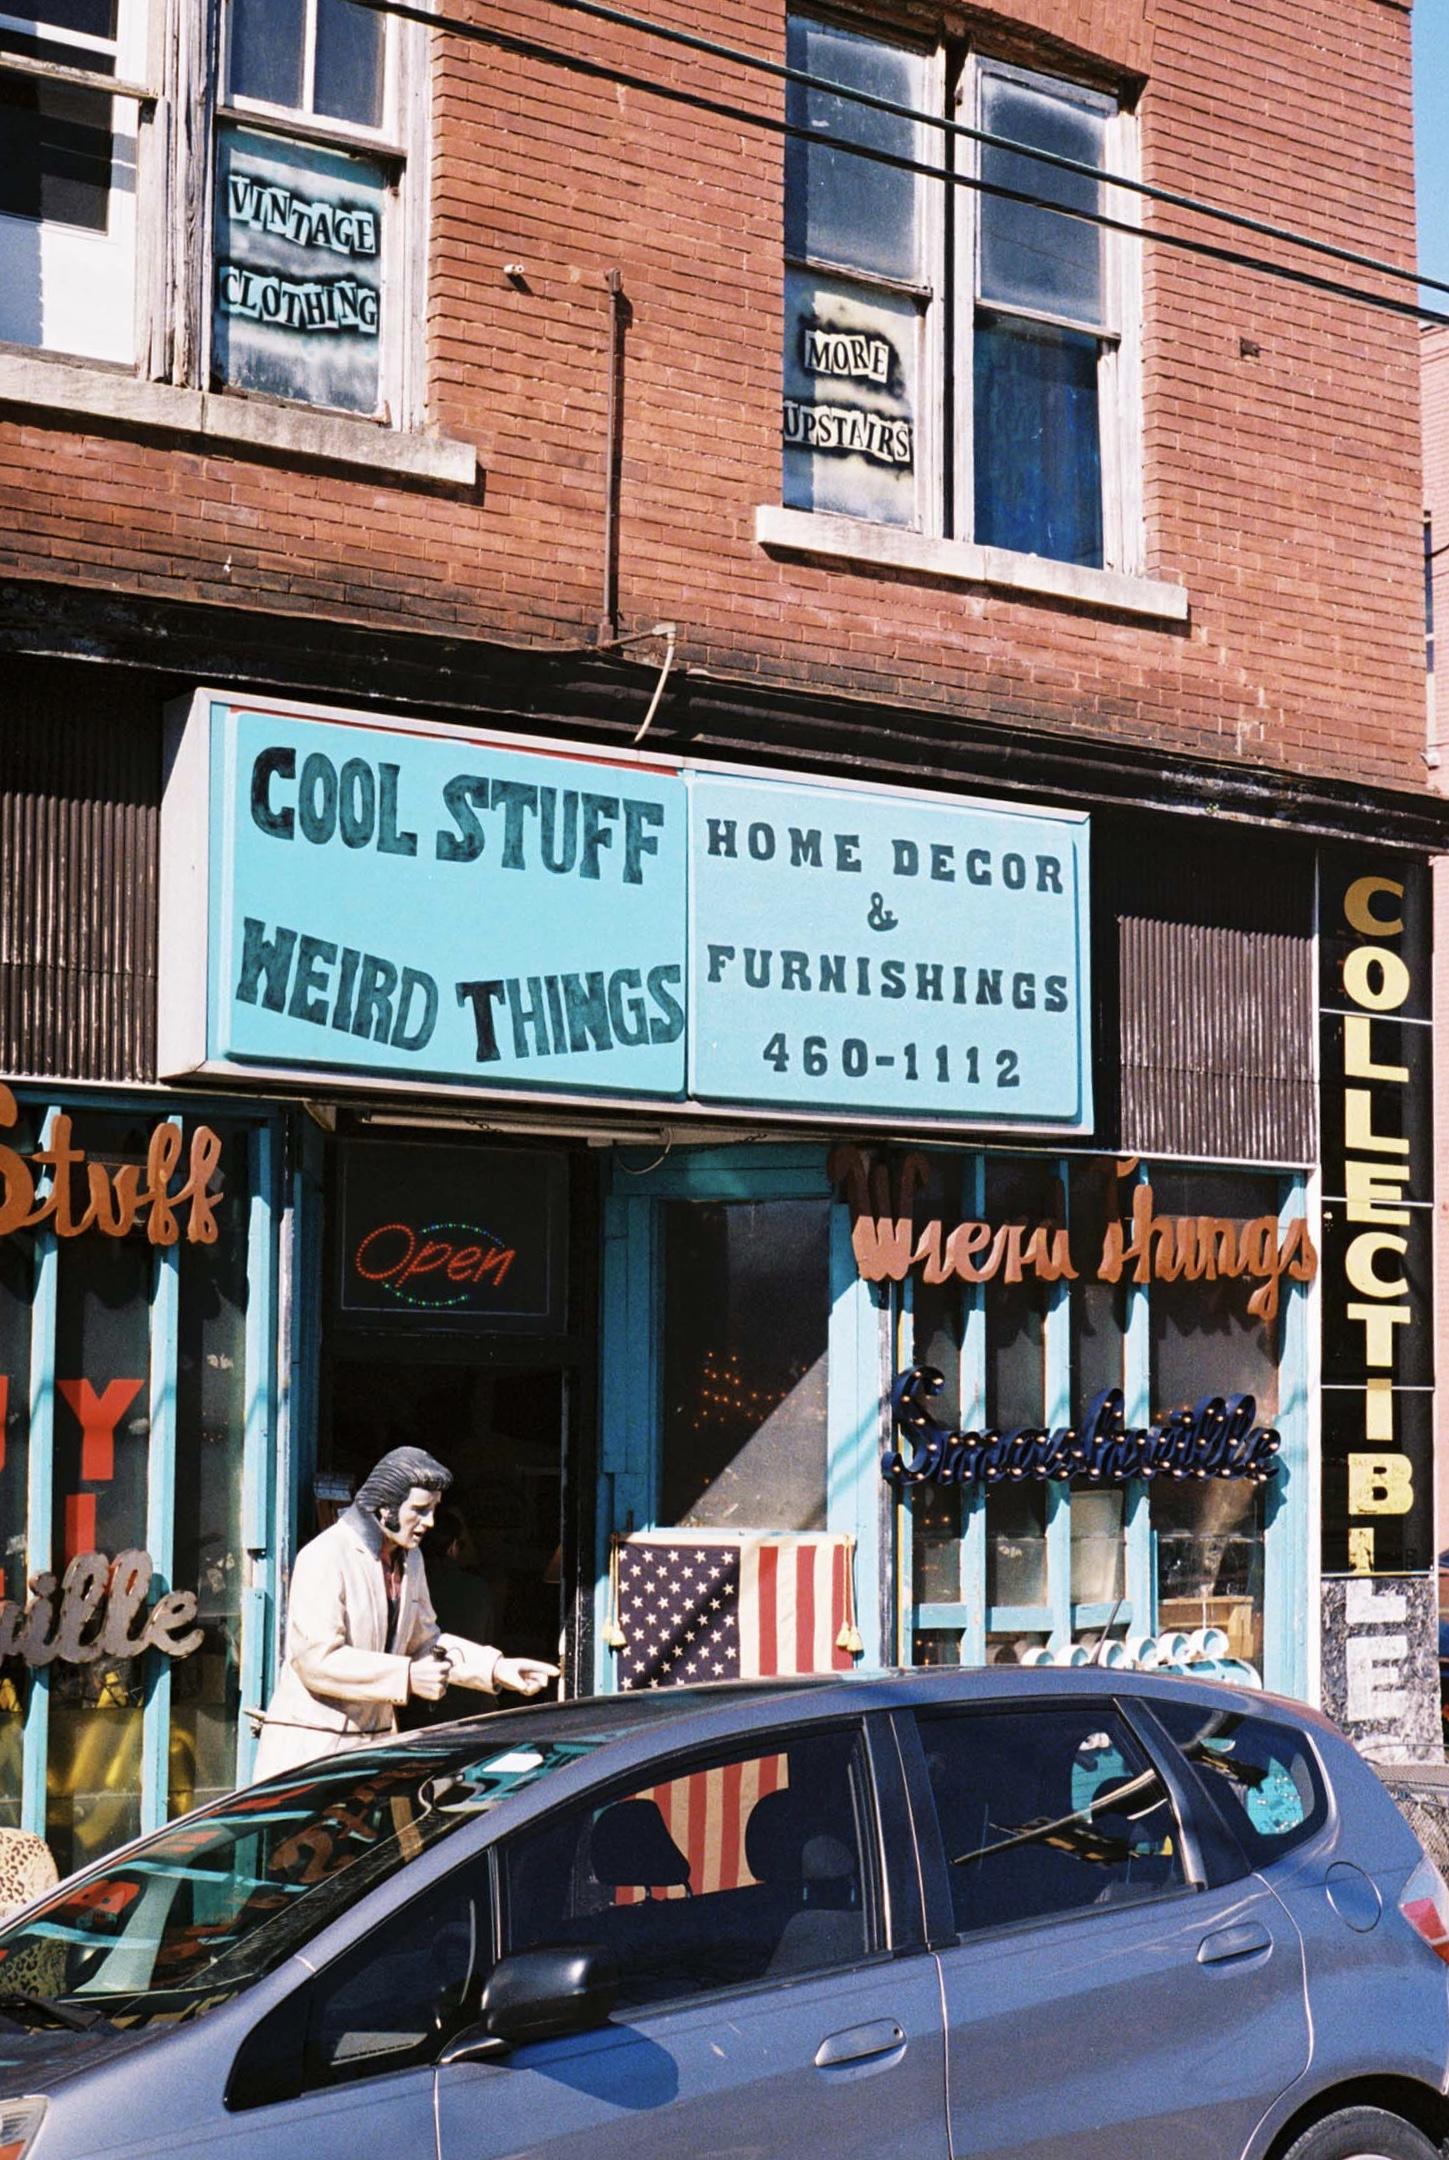 Cool Stuff Weird Stuff Things.  Nashville, Tennessee.  Kodak Ultra Max 400. Pentax K1000. Fletcher Berryman 2019.